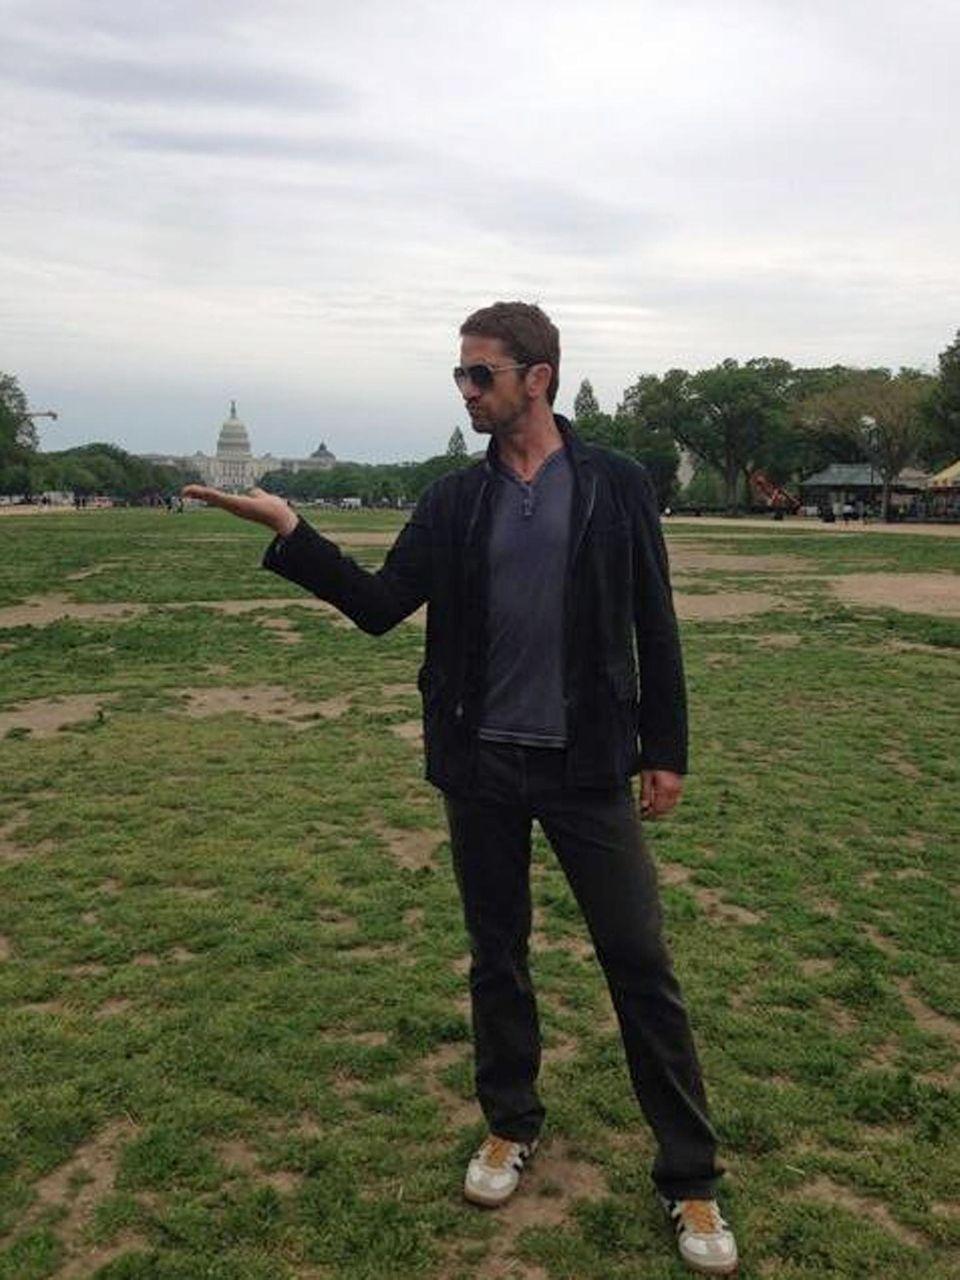 Auch ein Star wie Gerard Butler macht manchmal einfach nur normale Touristenfotos - wie hier mit dem Weißen Haus in Washington.